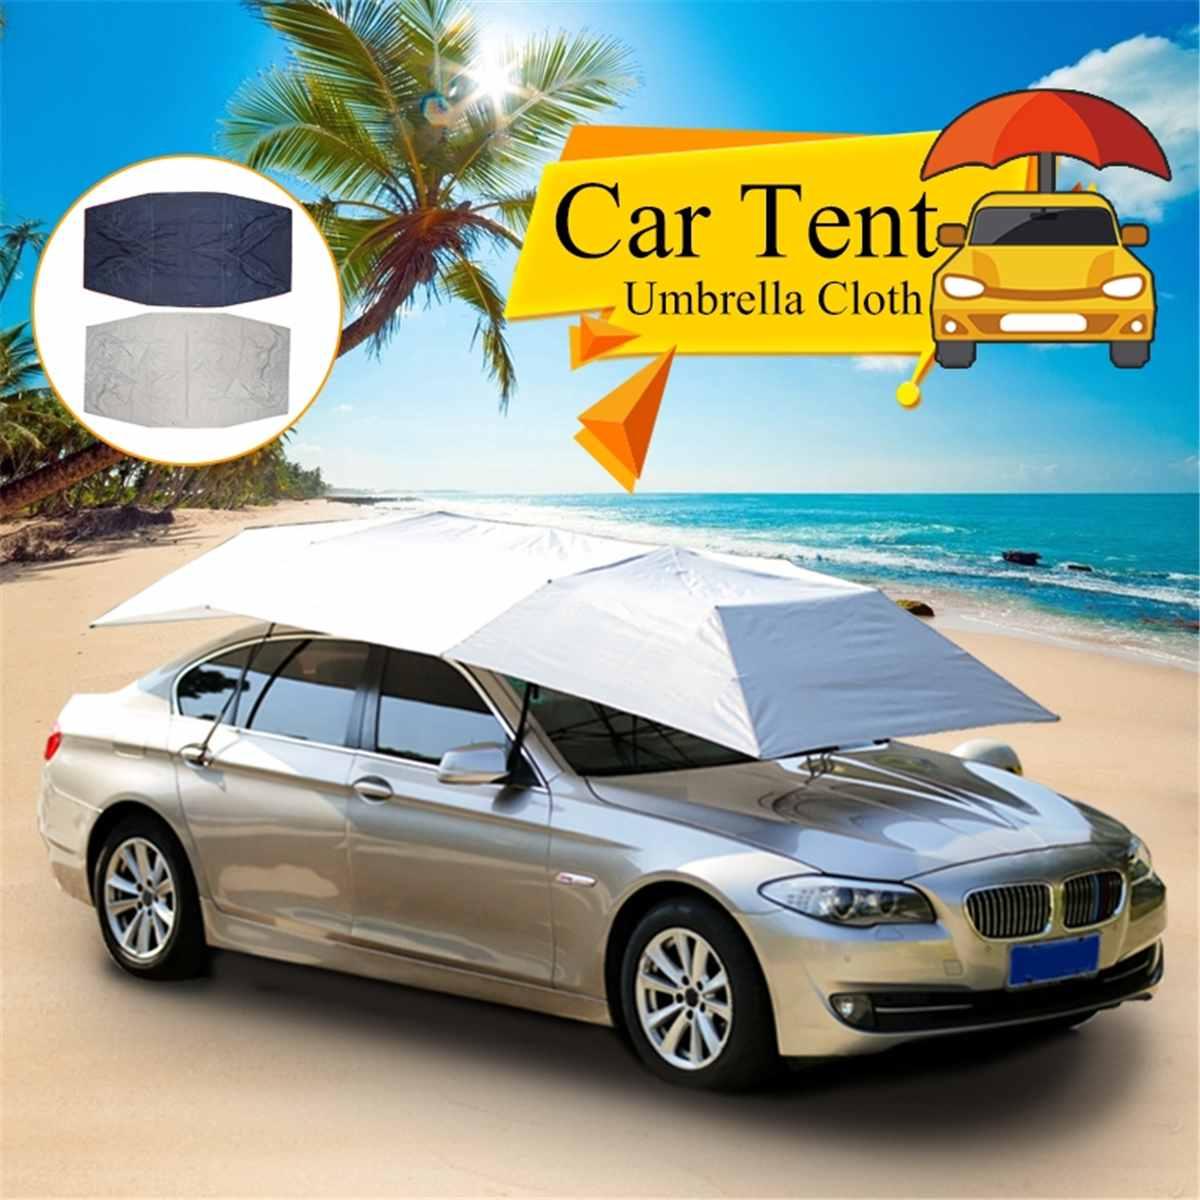 Parapluie de voiture complètement automatique ombre de soleil imperméable à l'eau en plein air voiture véhicule tente parapluie parasol couverture de toit Anti UV tissu pas de support